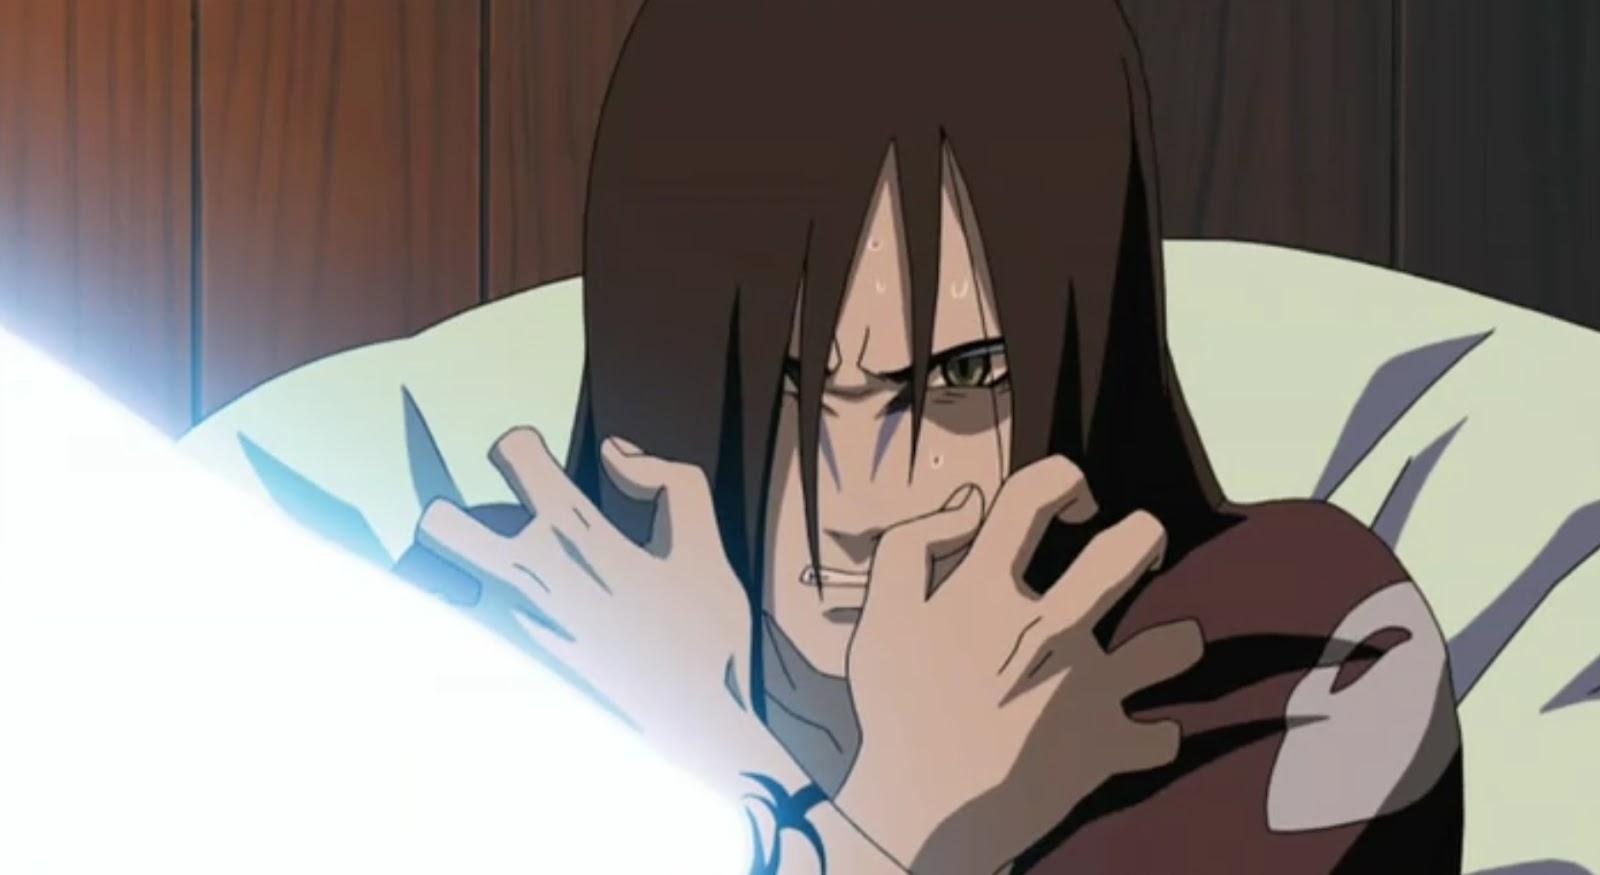 Naruto Shippuden Episódio 113,Naruto Shippuden Episódio 113, Assistir Naruto Shippuden Todos os Episódios Legendado, Naruto Shippuden episódio 113,HD